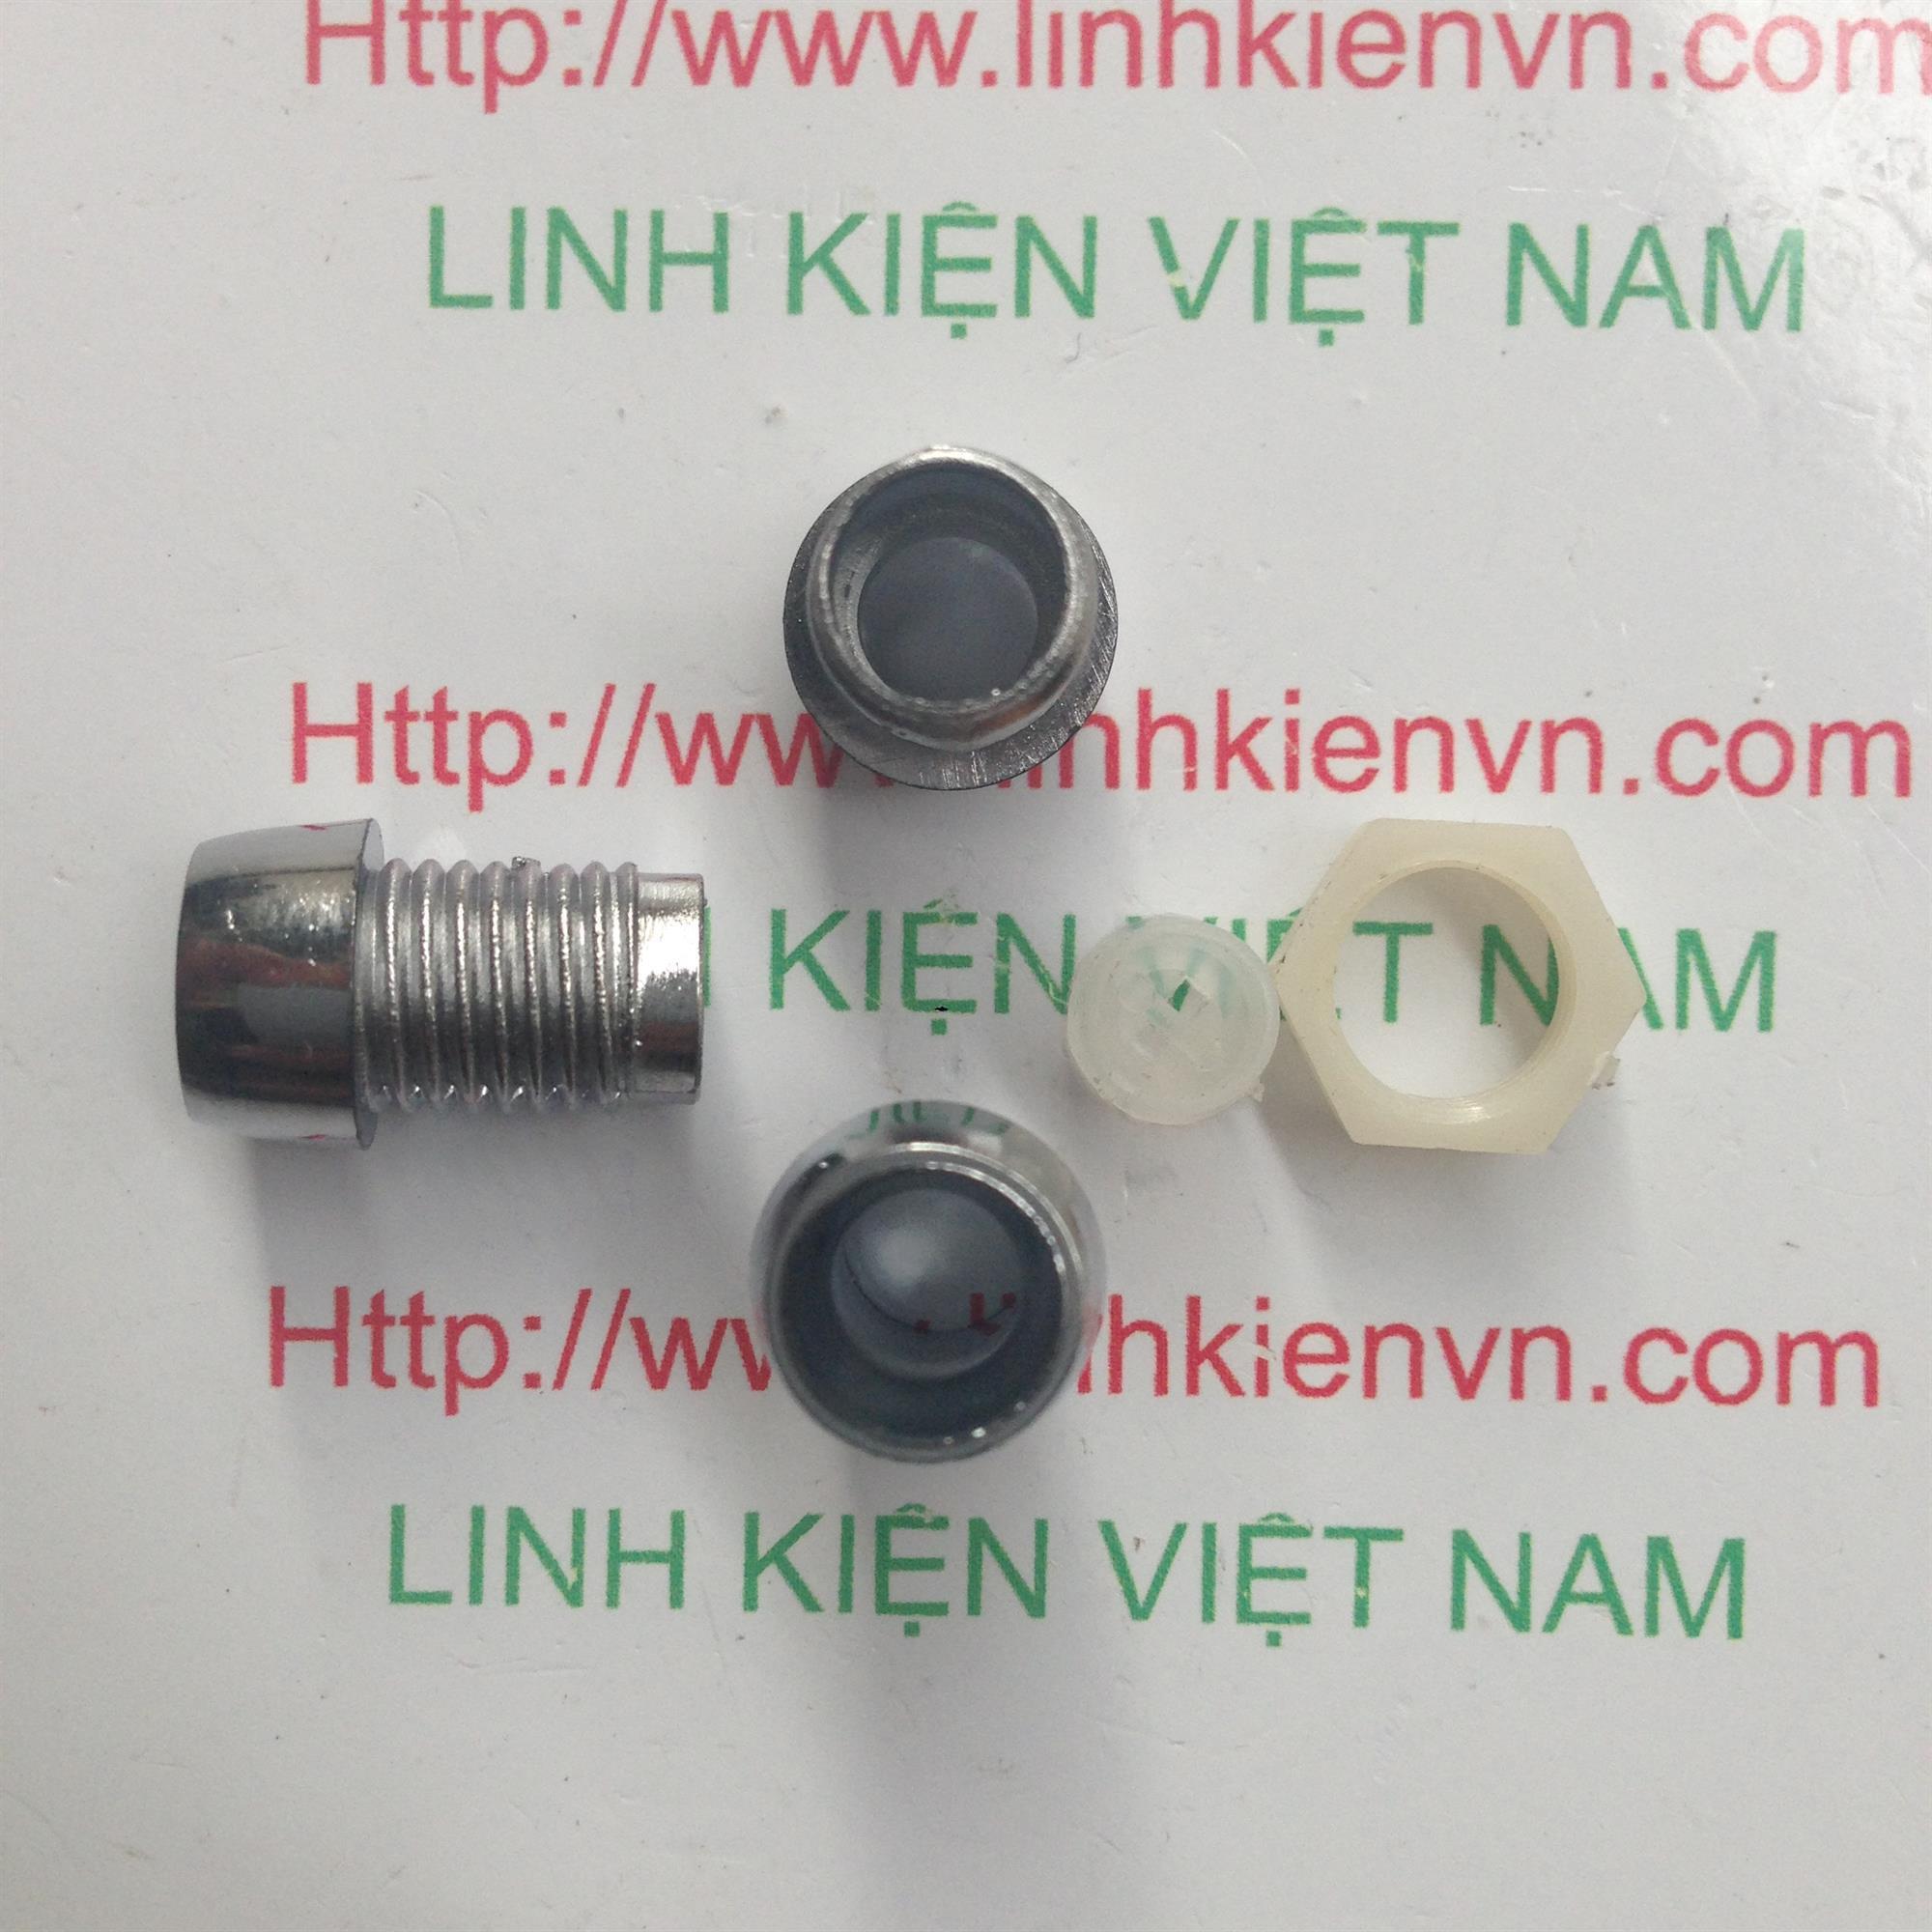 Đầu chụp led 5mm - S4H21